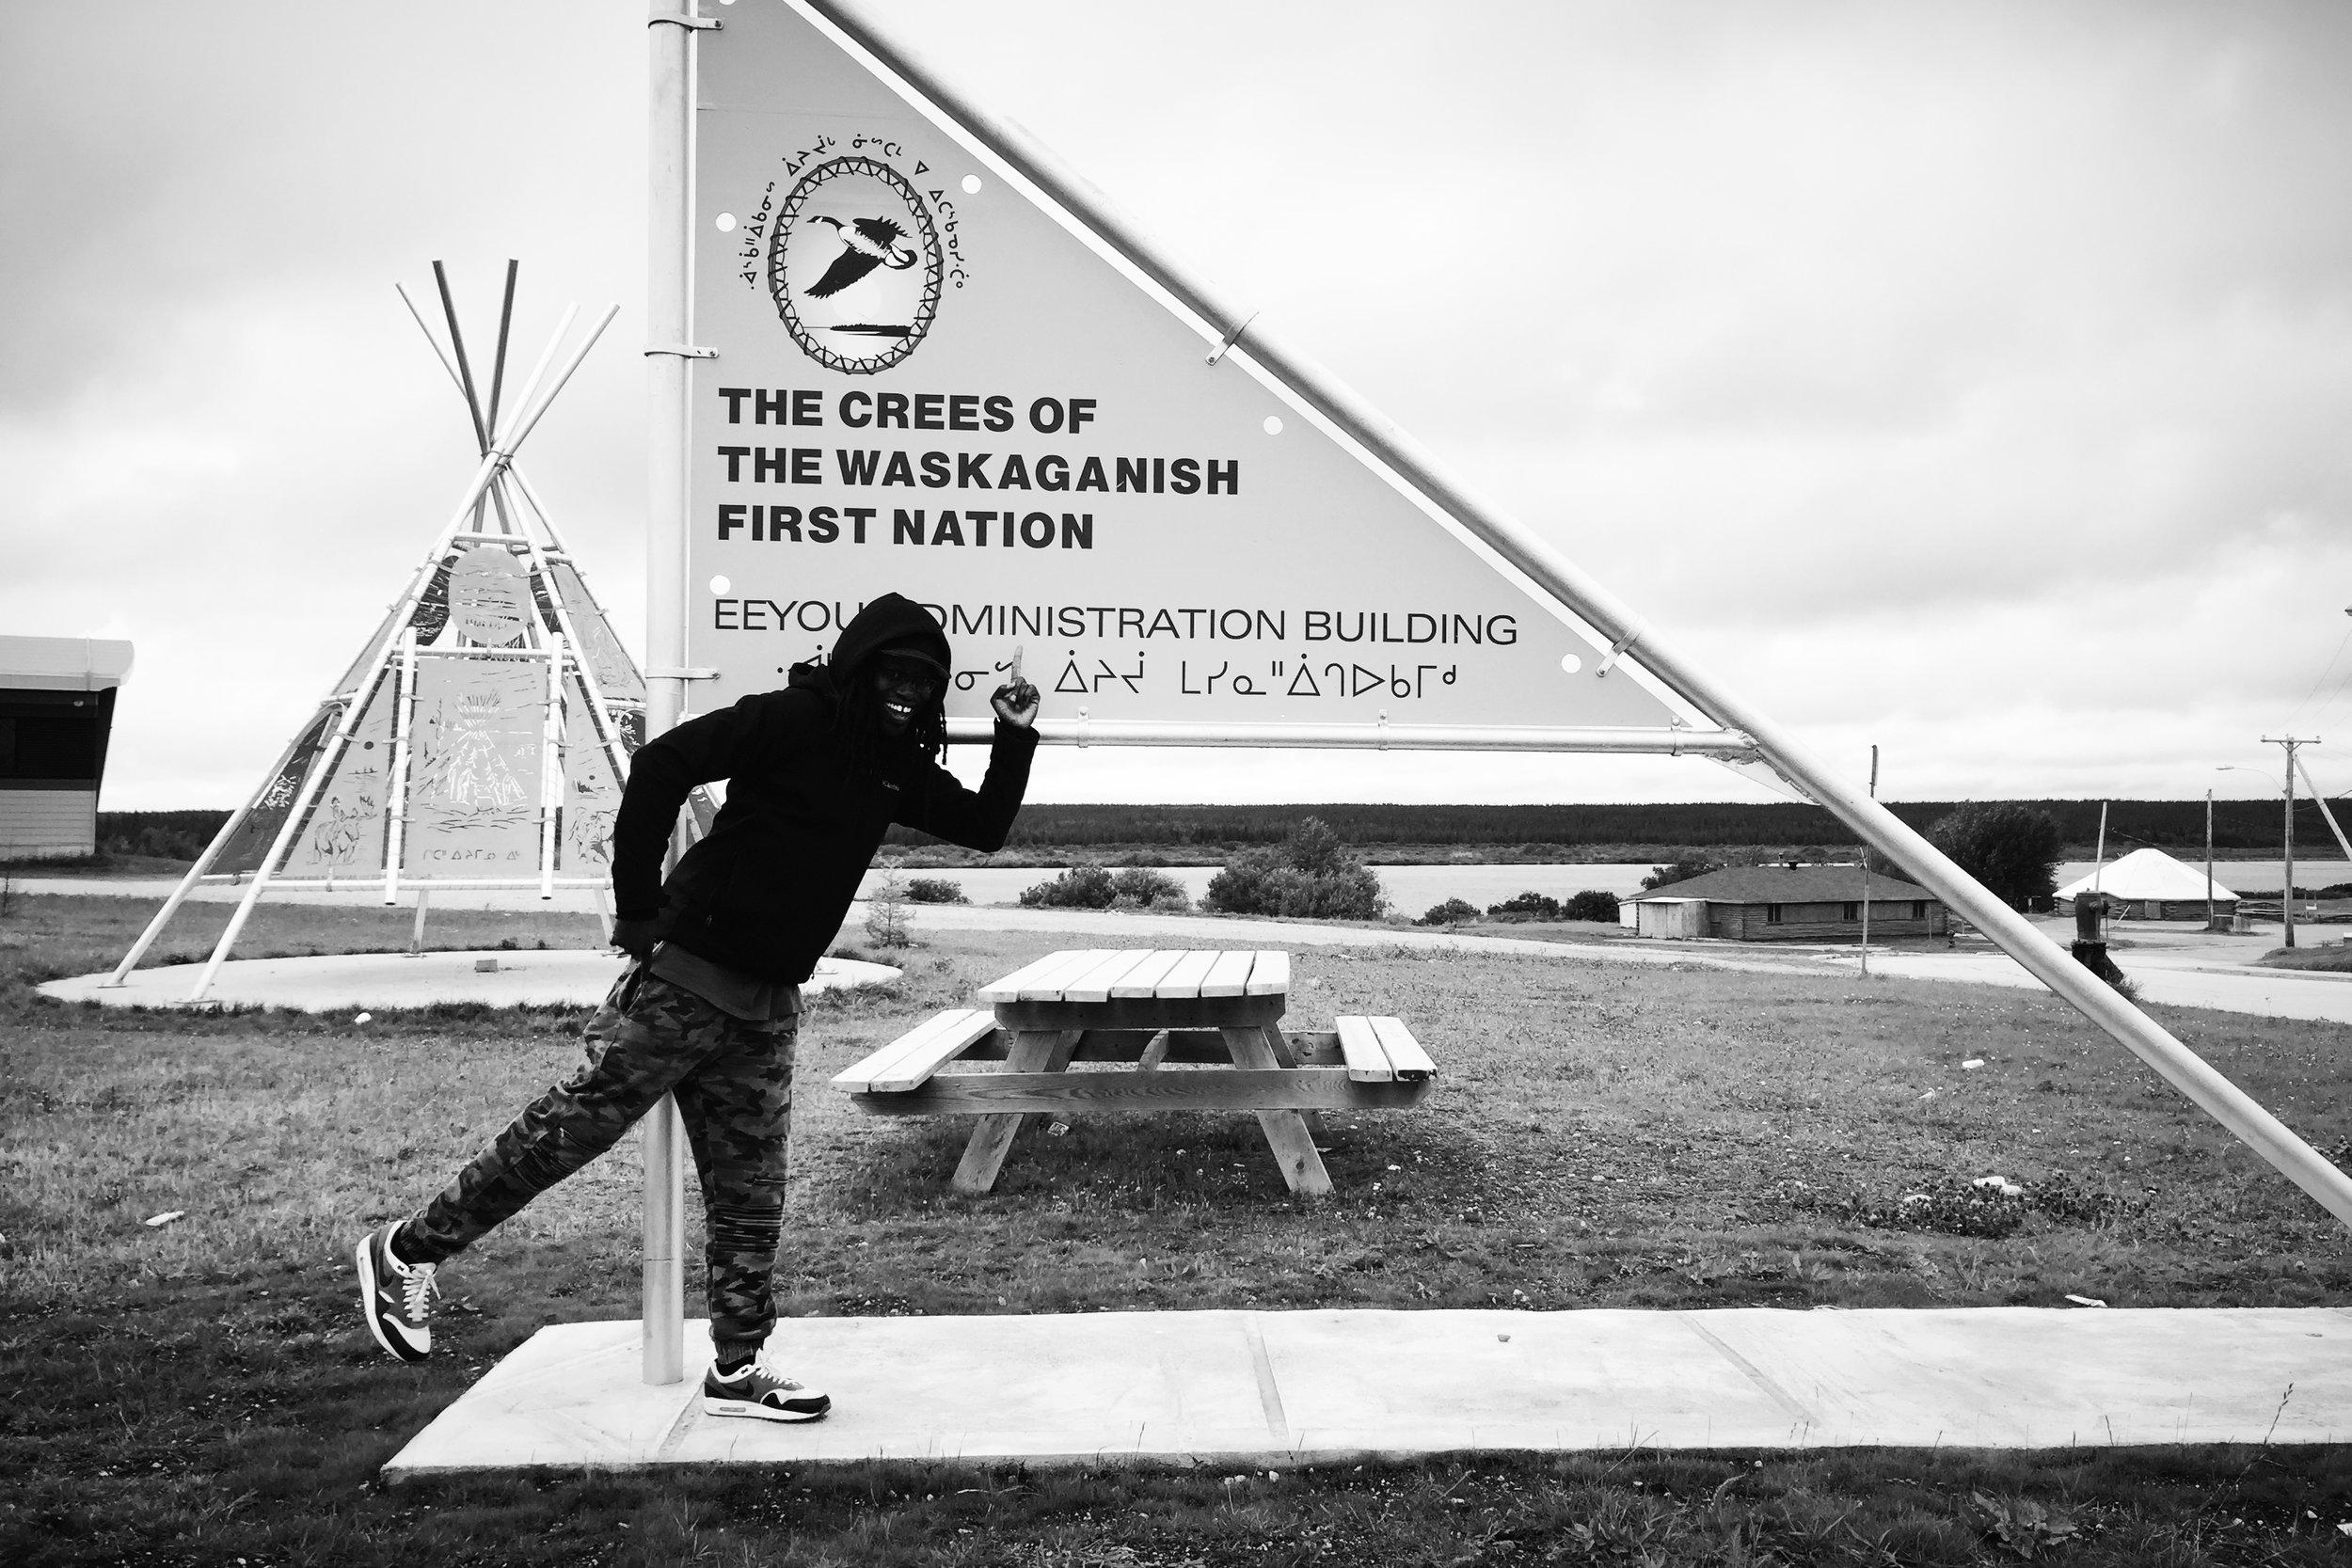 MIKw Chyiam - Eeyou Itstchee land - Northen Quebec